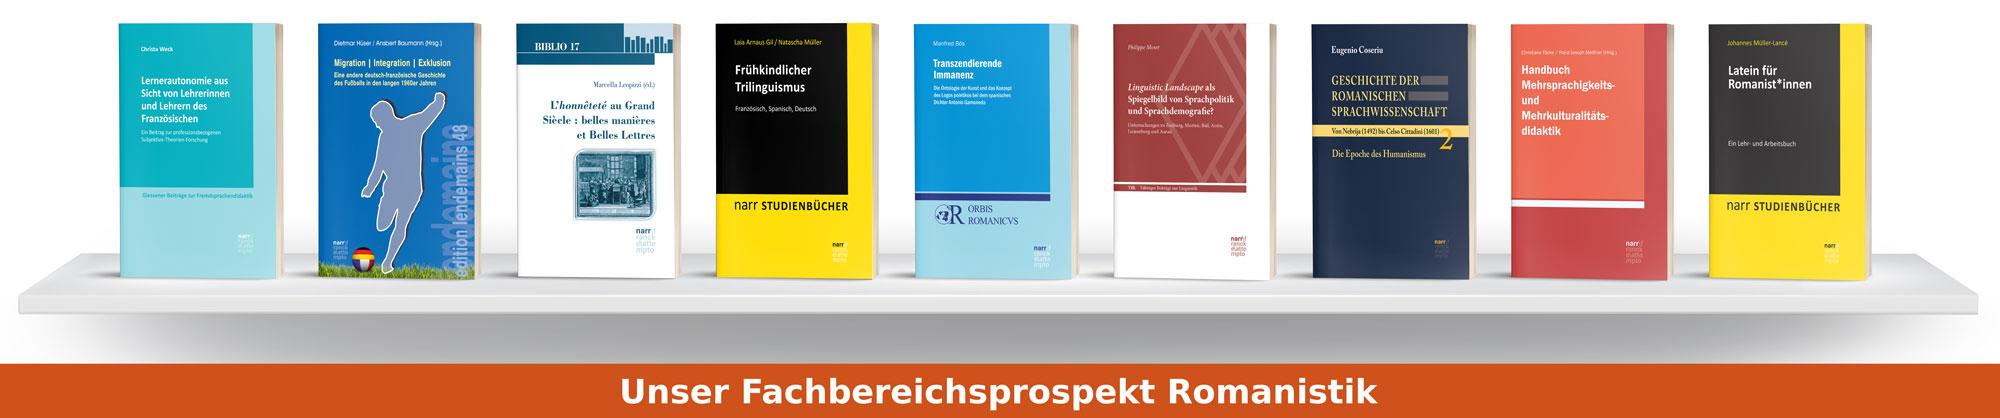 Fachbereichsprospekt Romanistik